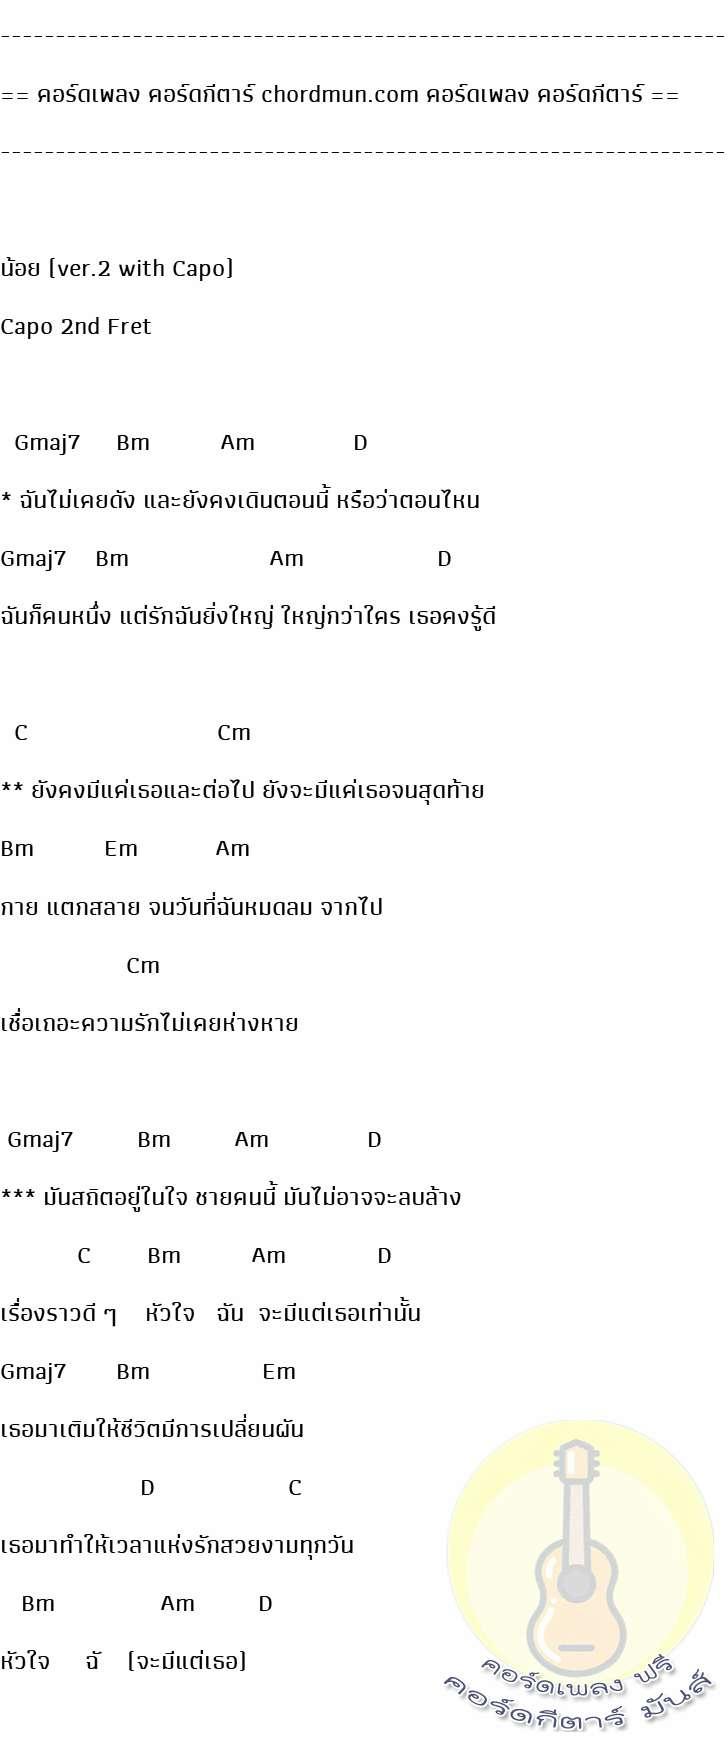 คอร์ดกีตาร์พื้นฐาน  เพลง น้อย (ver.2 with Capo)